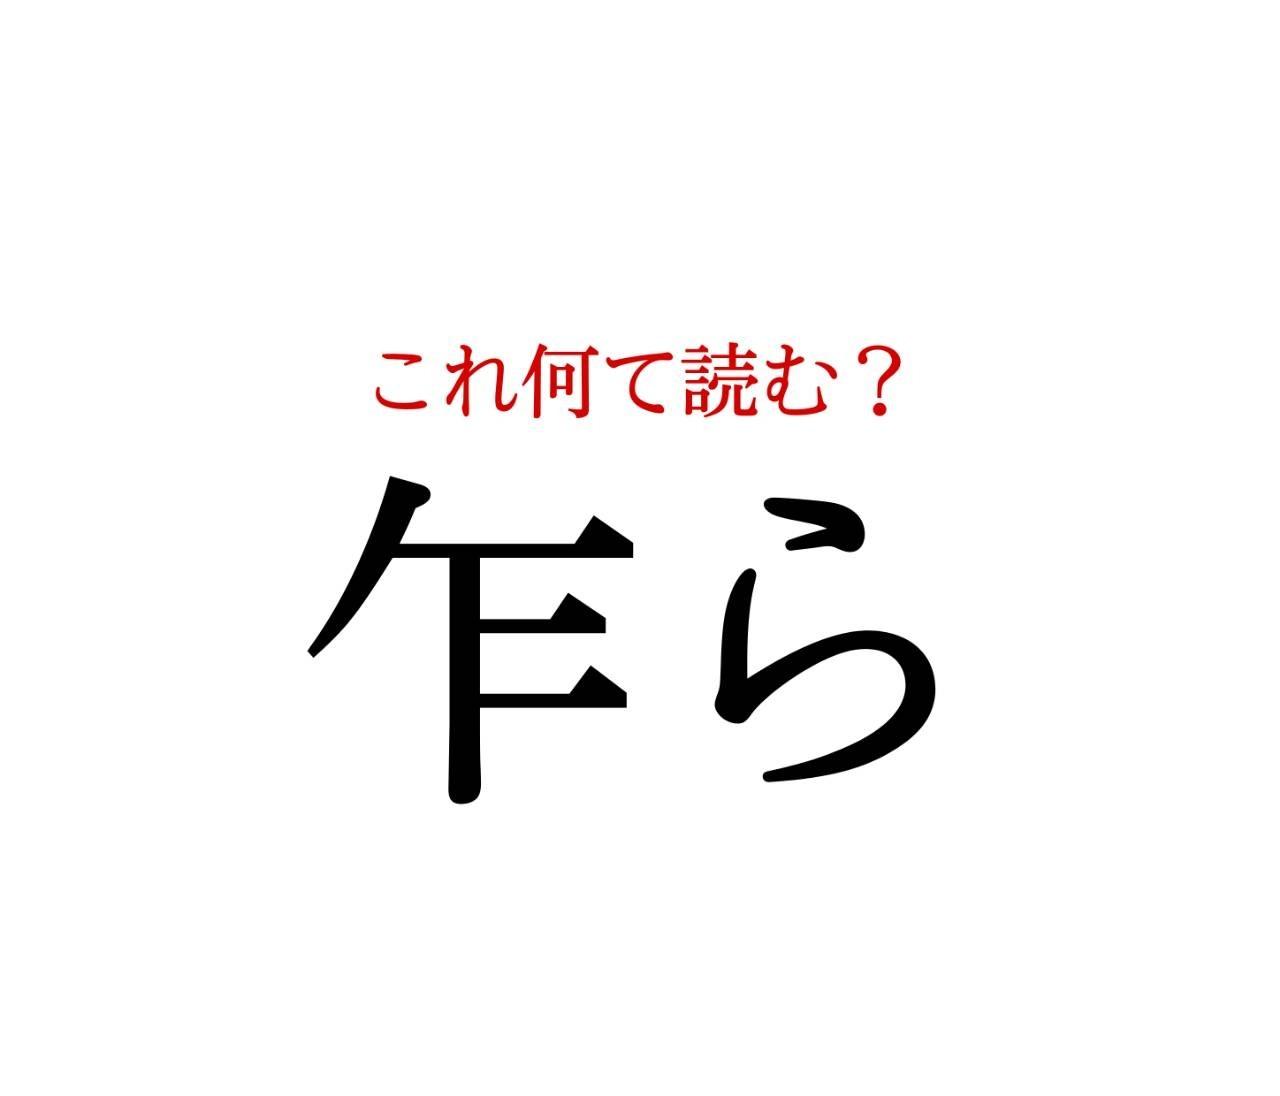 「乍ら」:この漢字、自信を持って読めますか?【働く大人の漢字クイズvol.70】